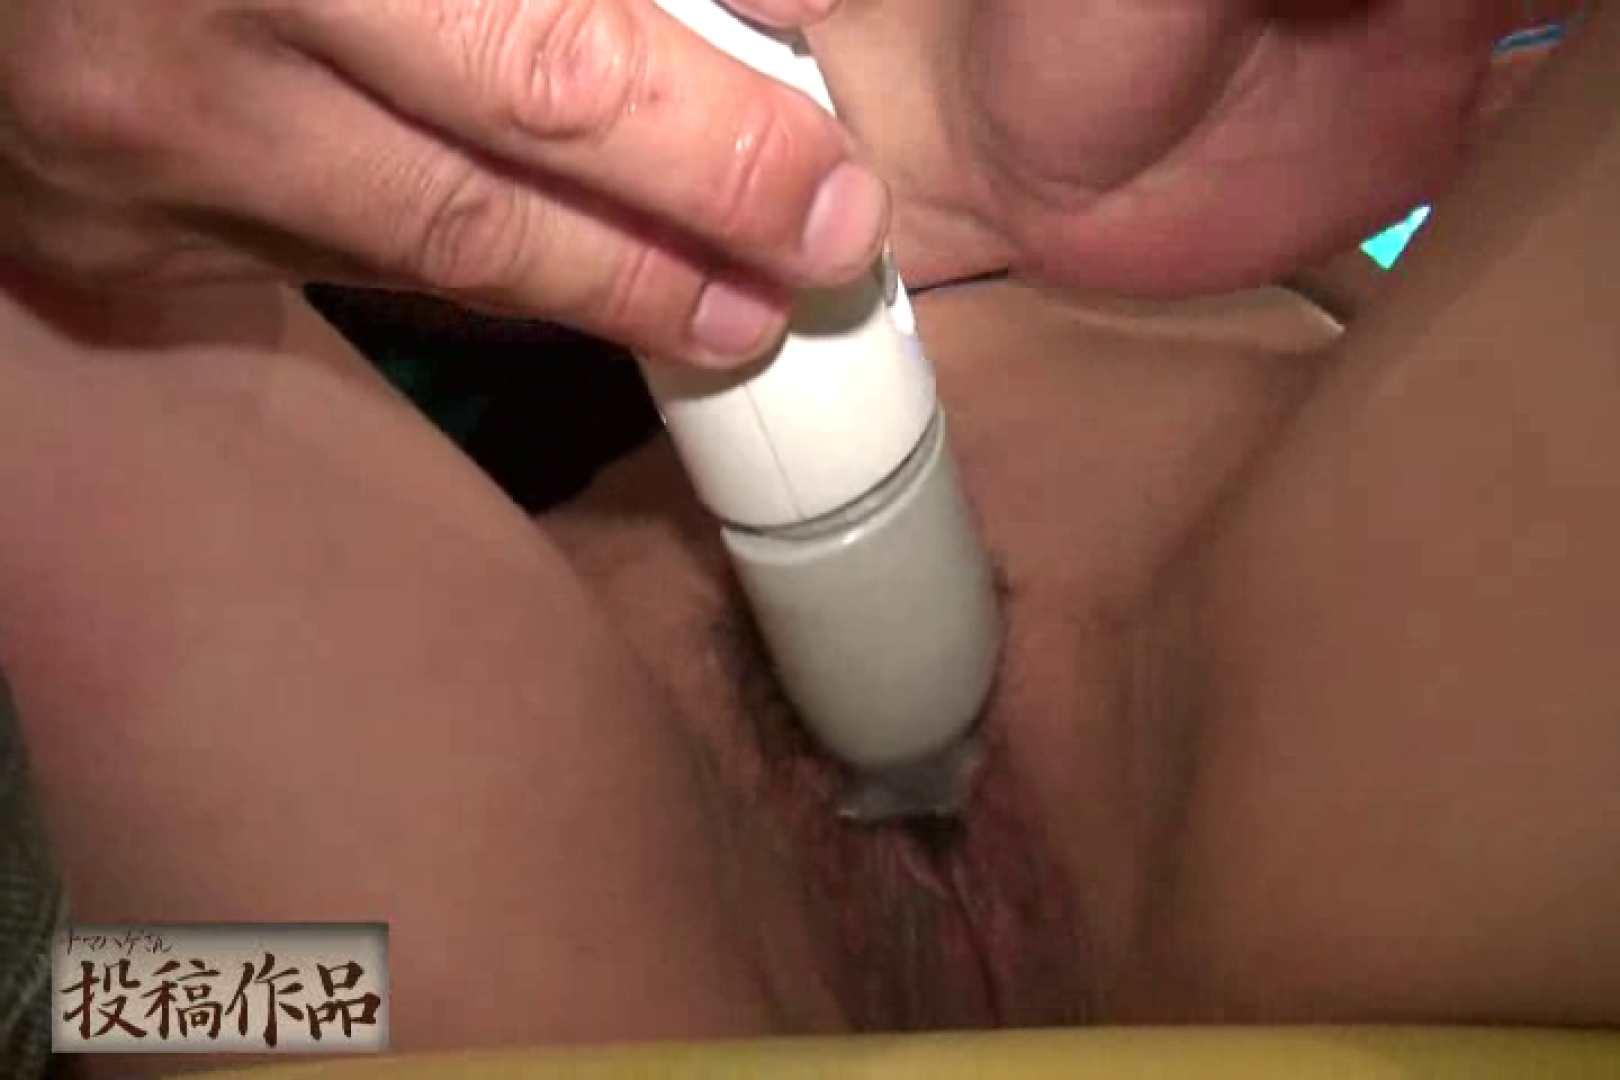 ナマハゲさんのまんこコレクション第二章 maria SEX おまんこ無修正動画無料 105pic 79